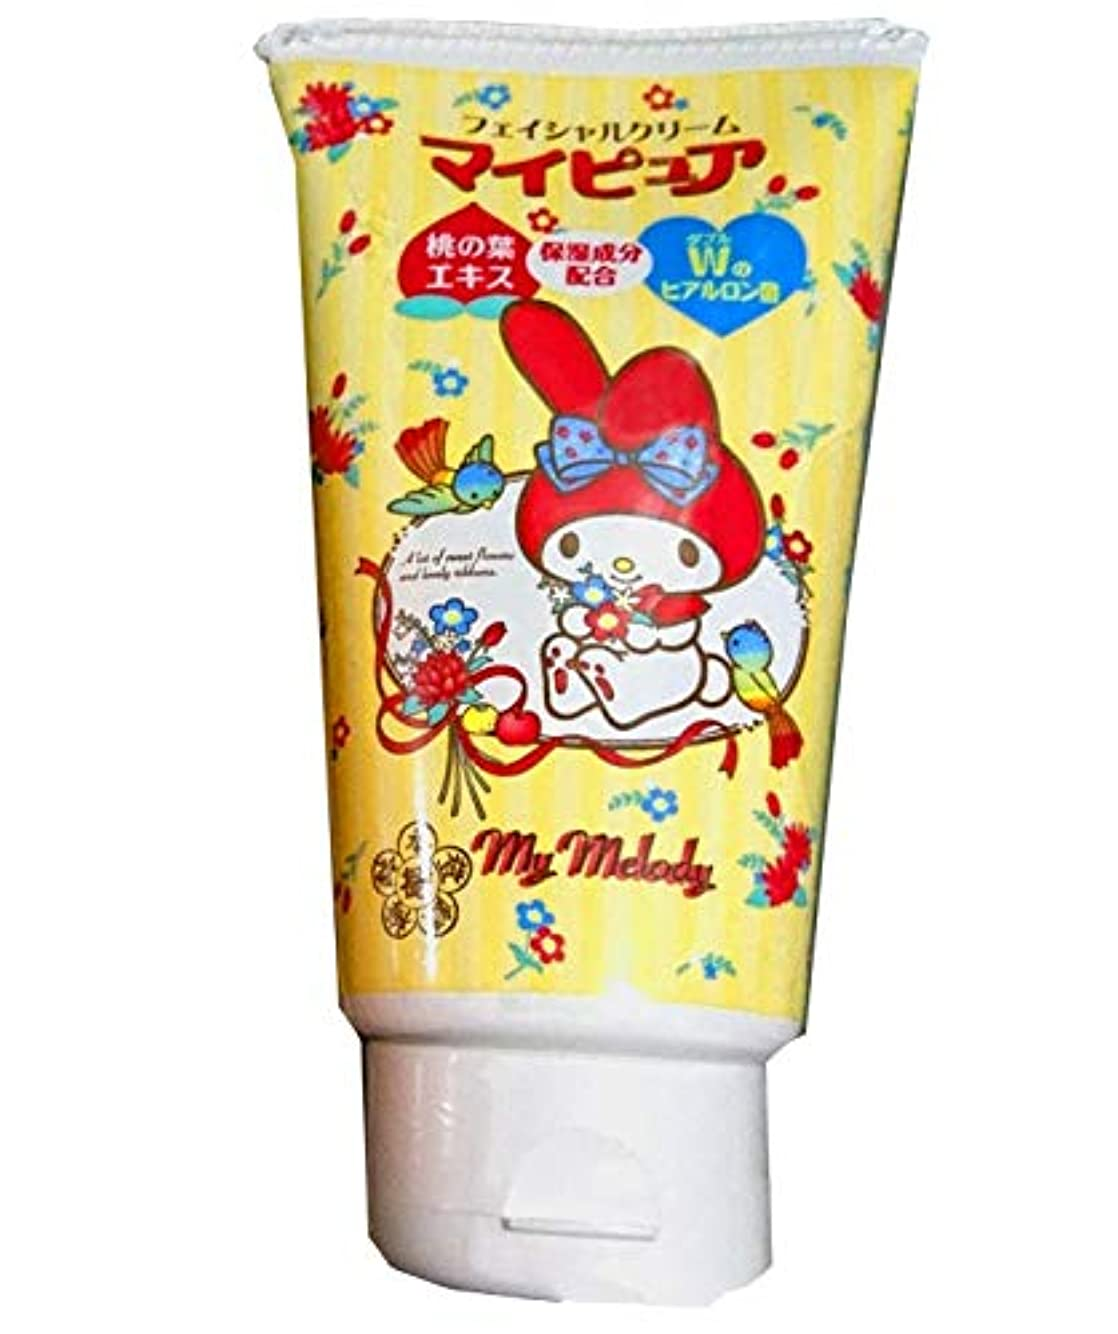 ピンポイントジャンピングジャックレンズ【とっても可愛いサンリオ?限定品!】マイピュア フェイシャルクリーム 100g